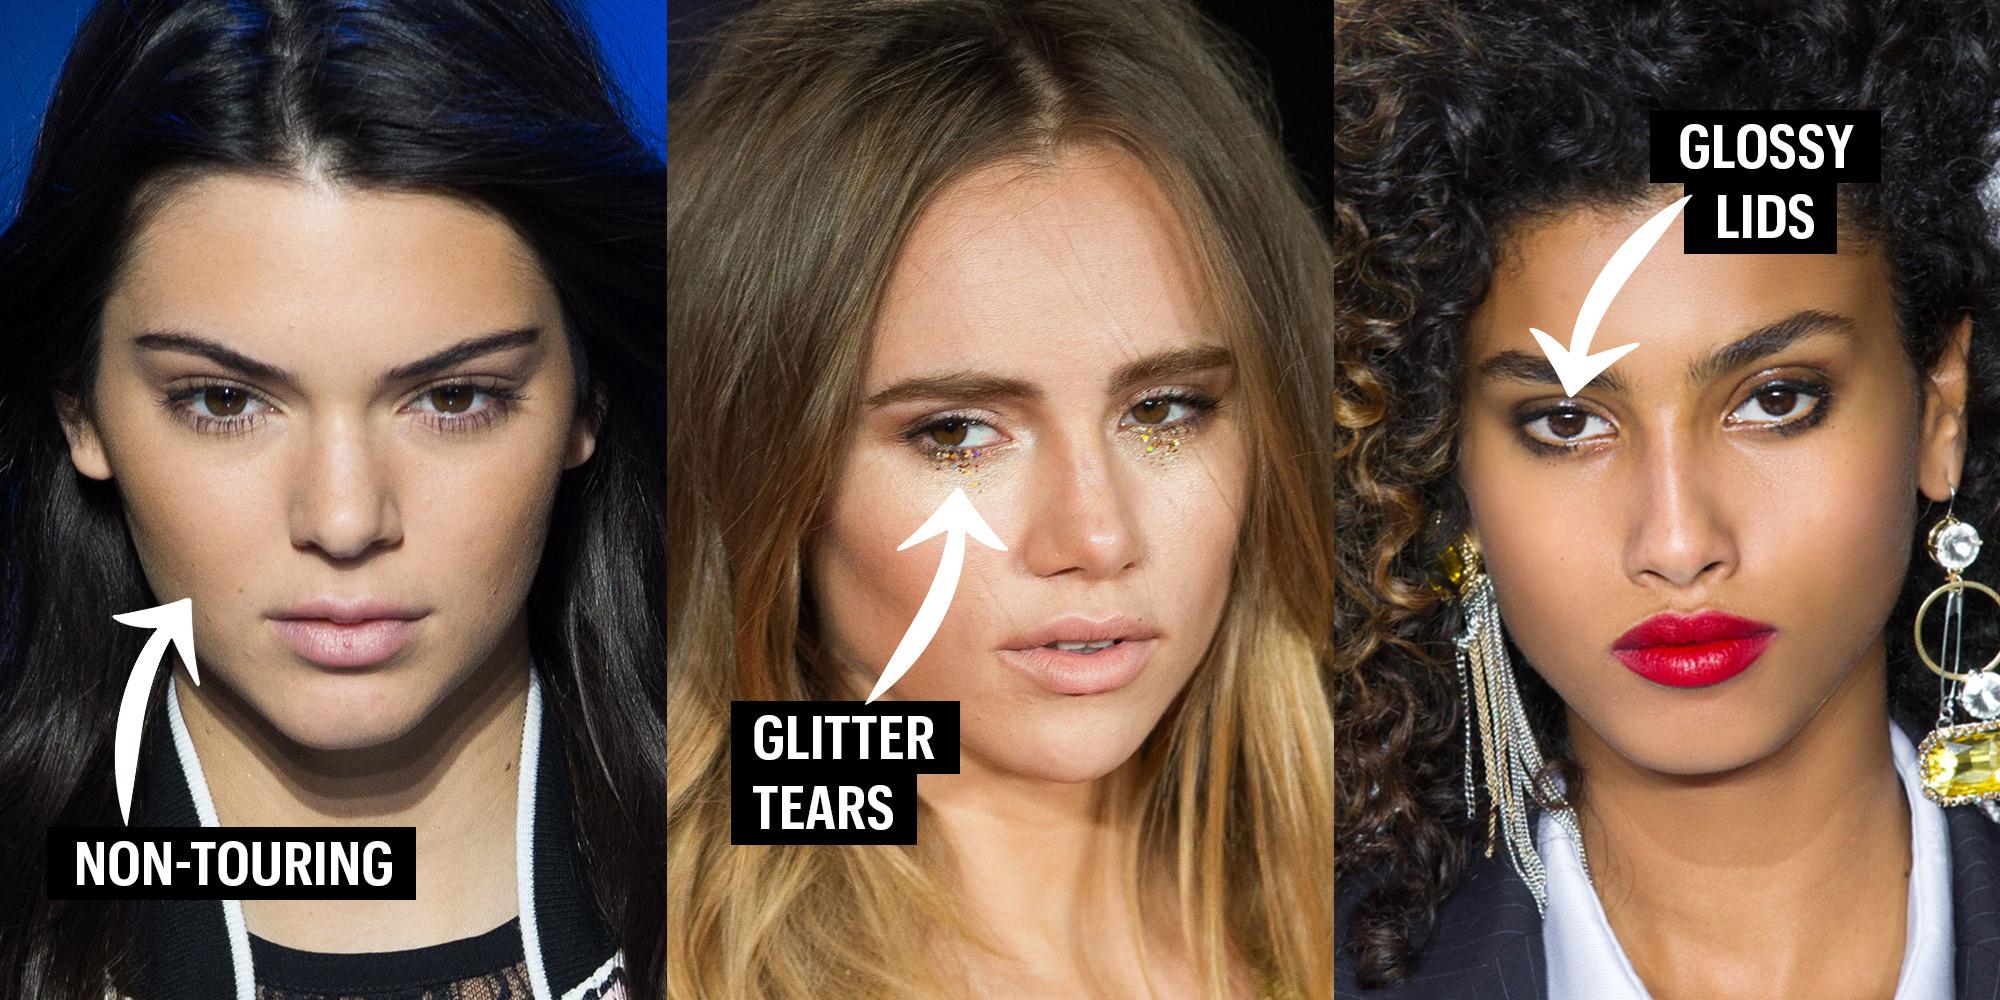 Summer Makeup Trends 2016 - Biggest Makeup Trends 2016